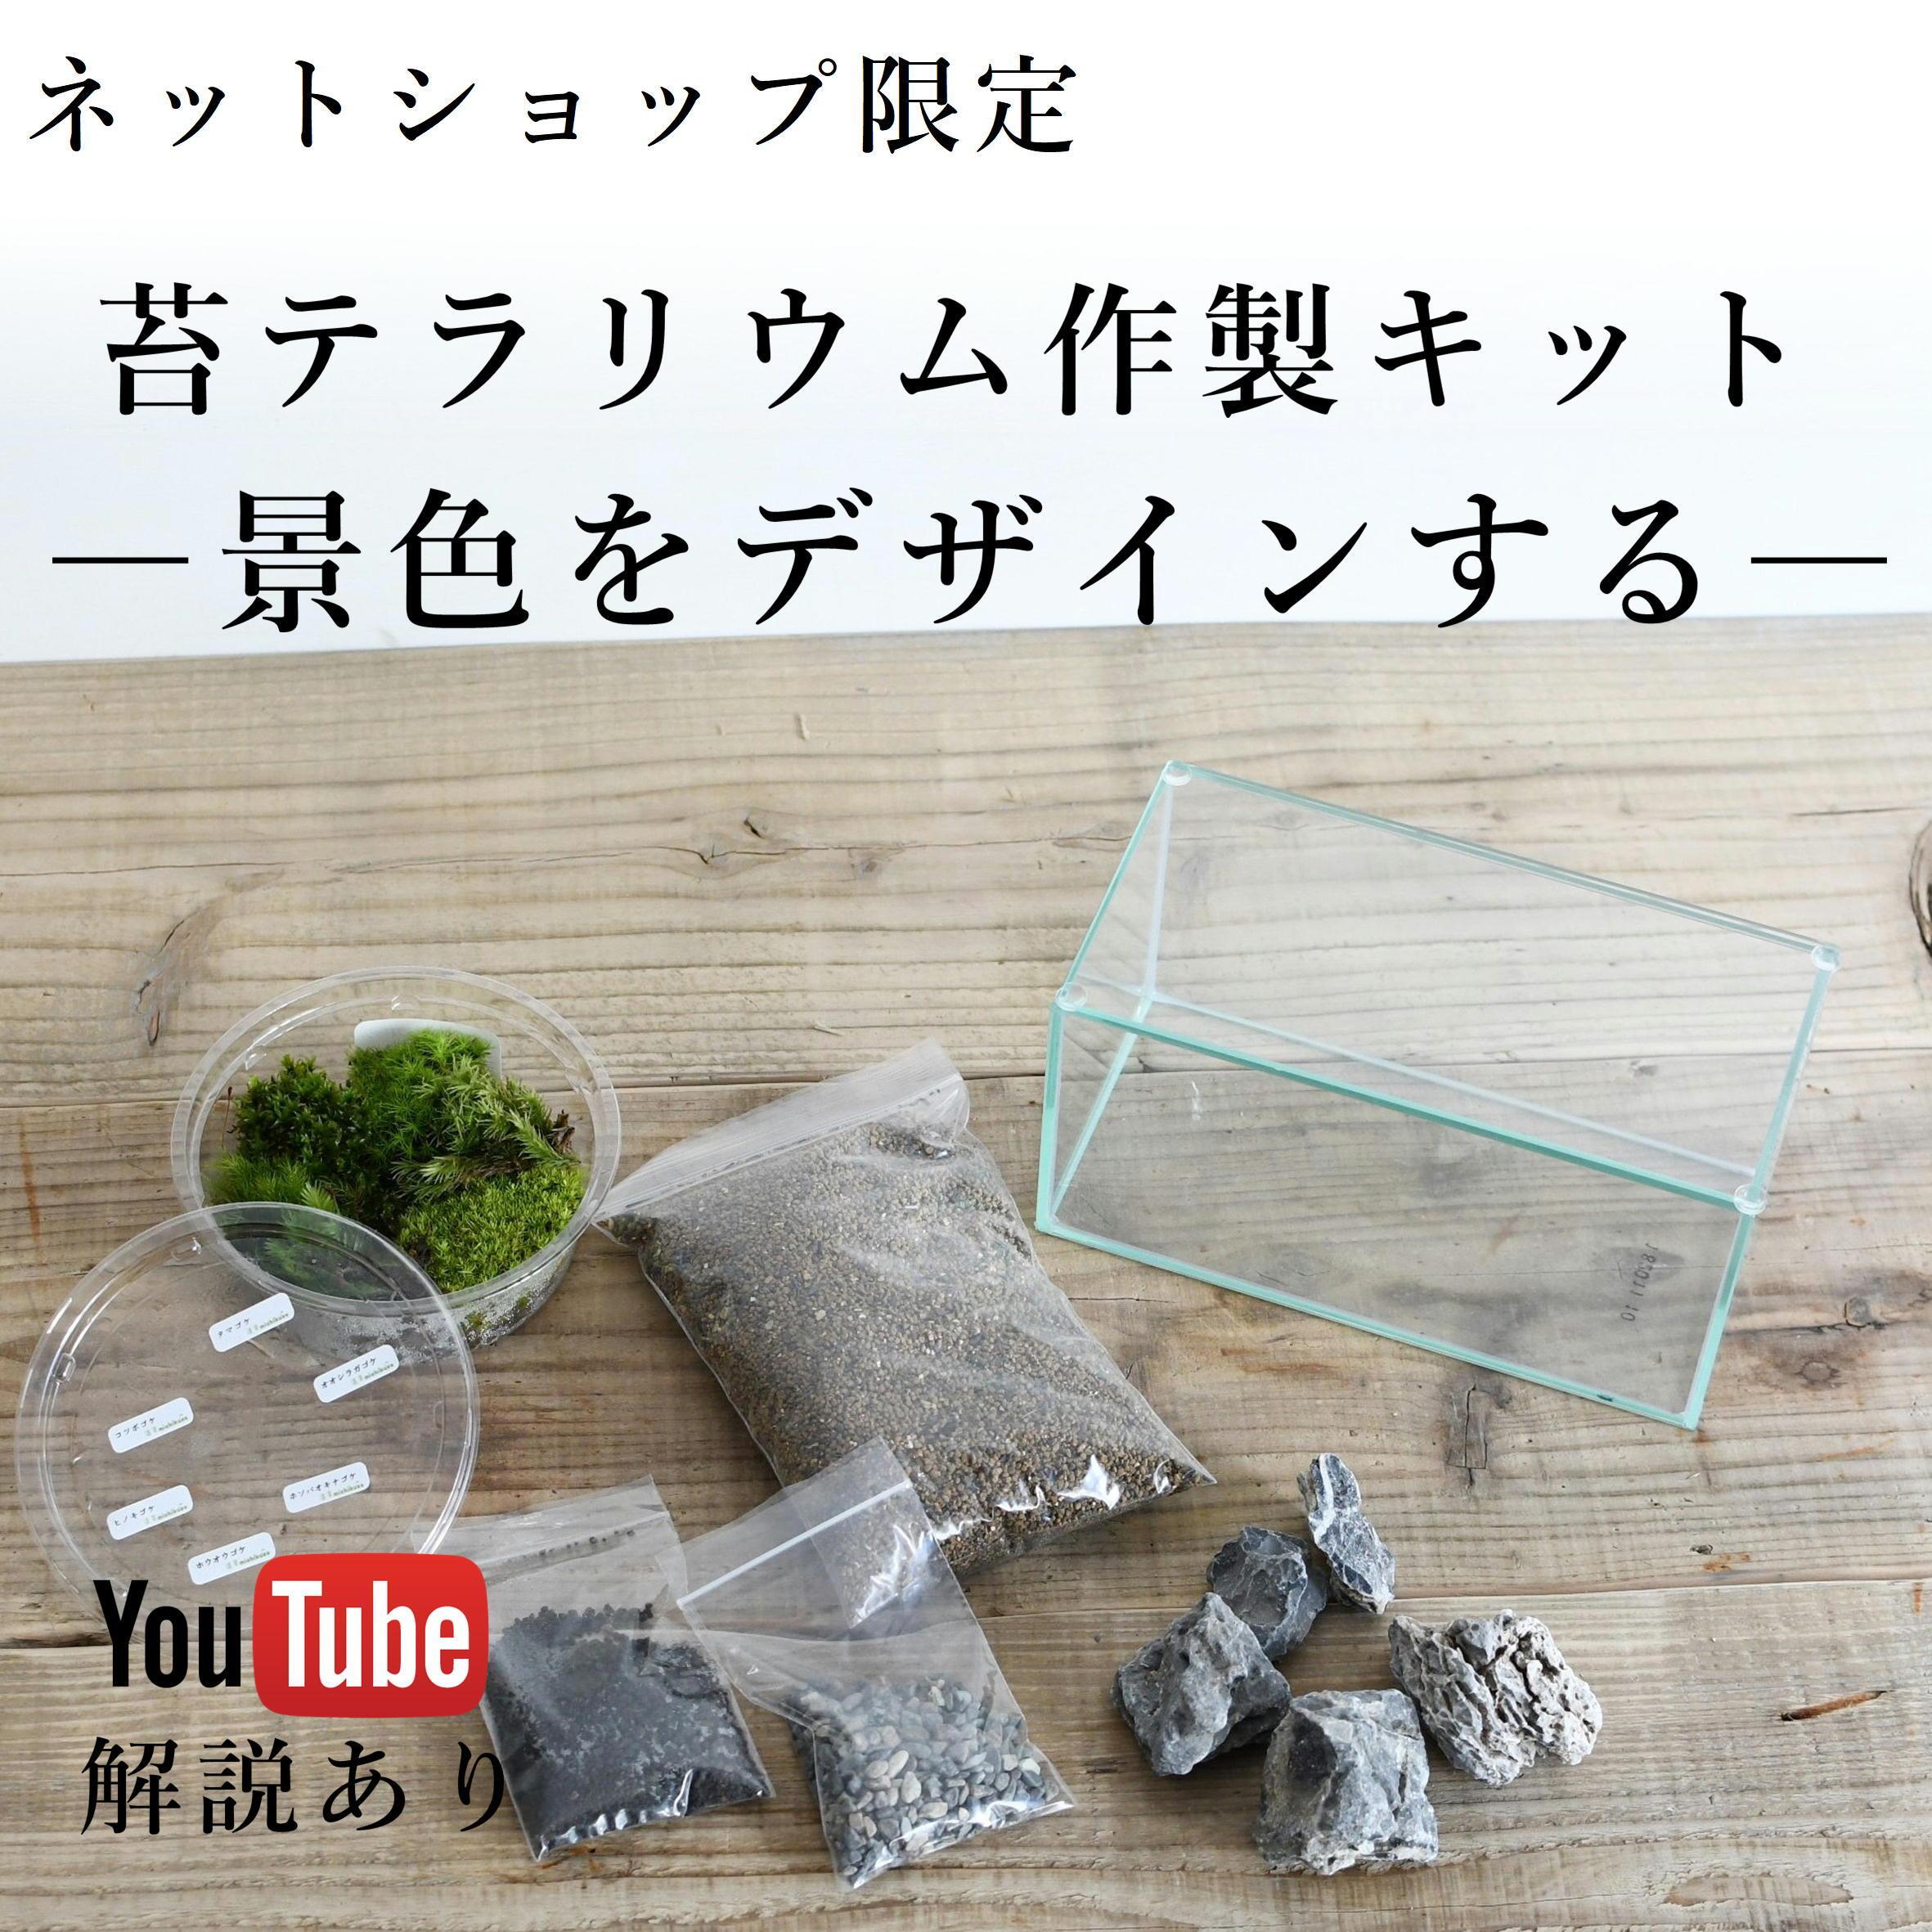 景色をデザインする ワイドなミニ水槽で作る苔テラリウム作製キット ◆選べる3タイプ/動画解説付き